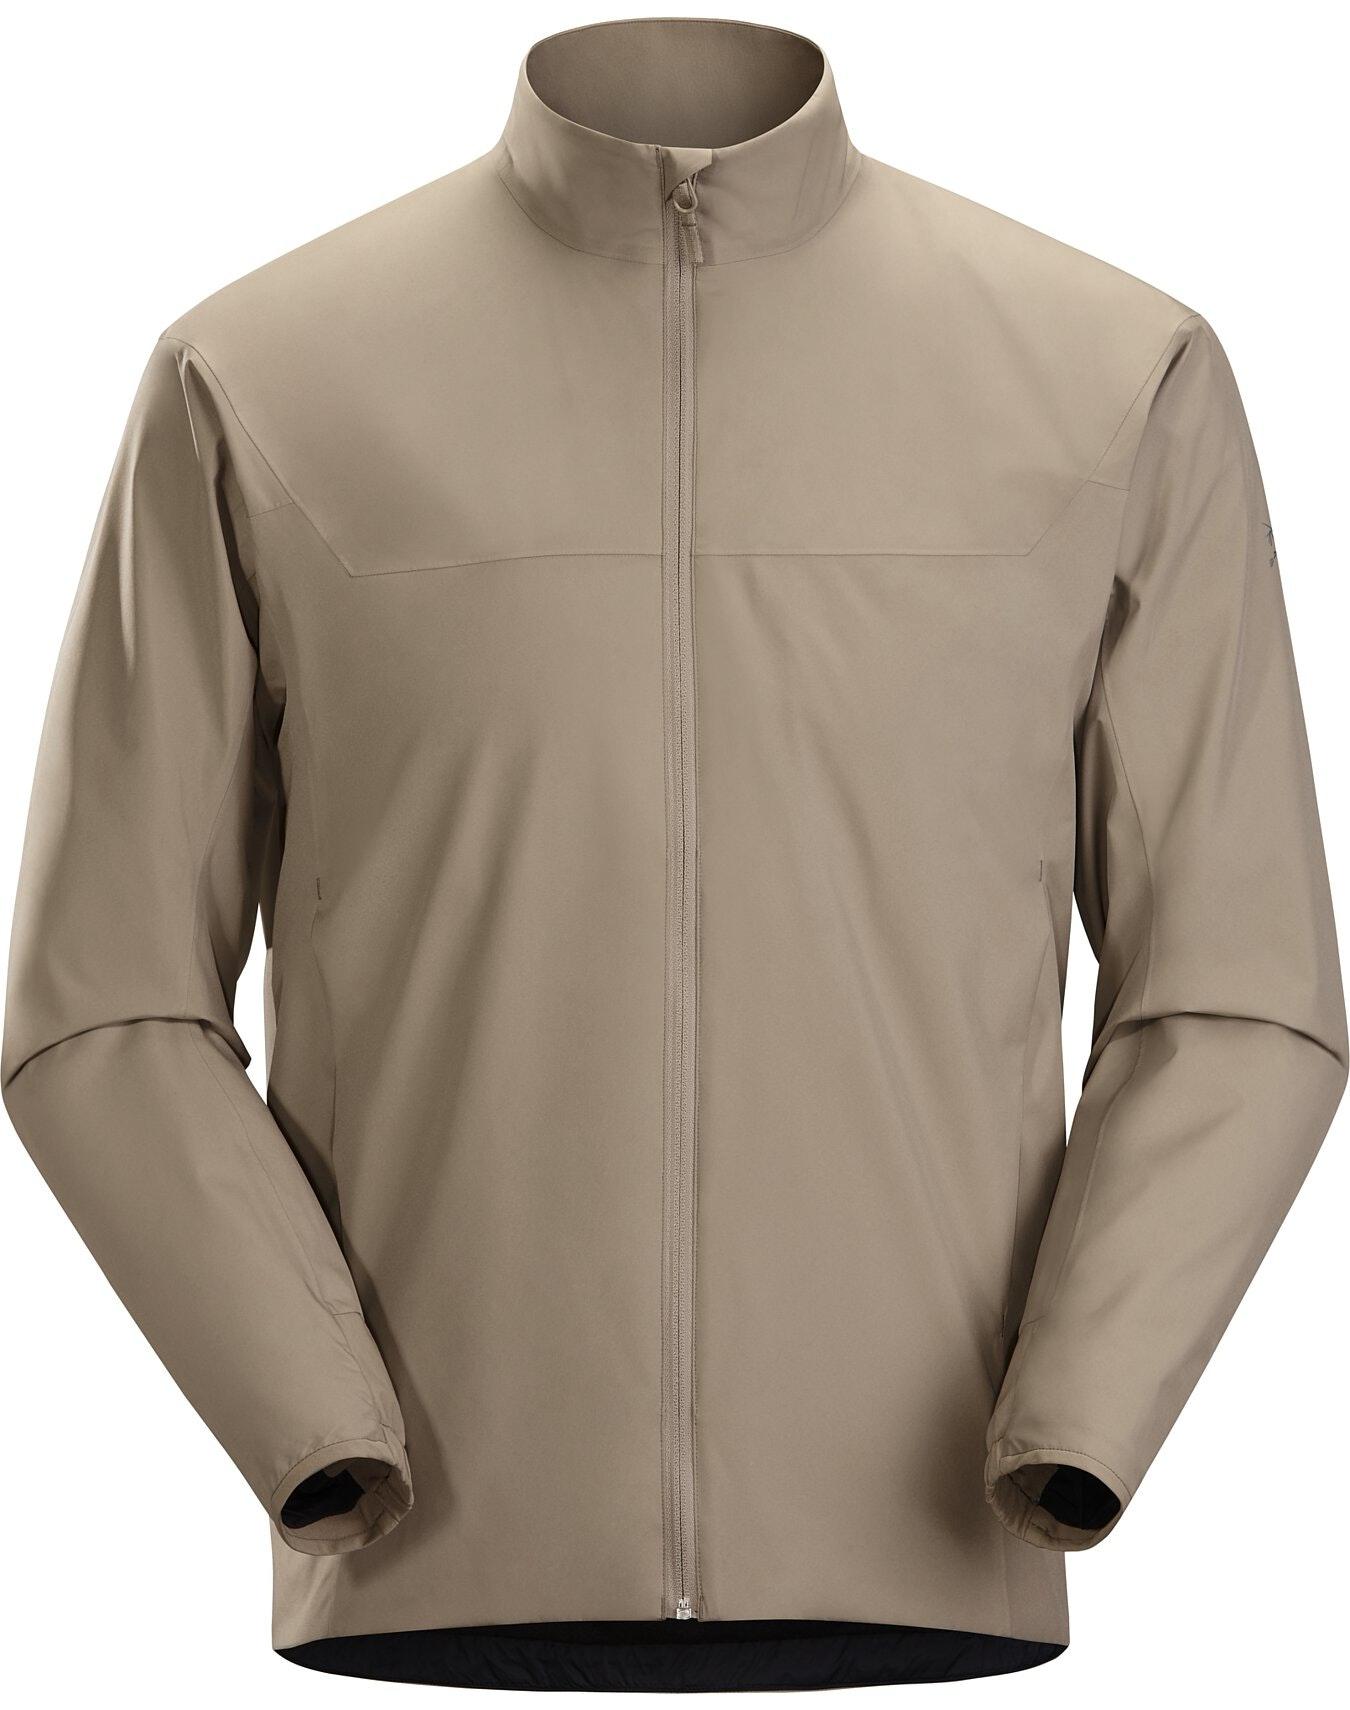 Solano Jacket Esoteric